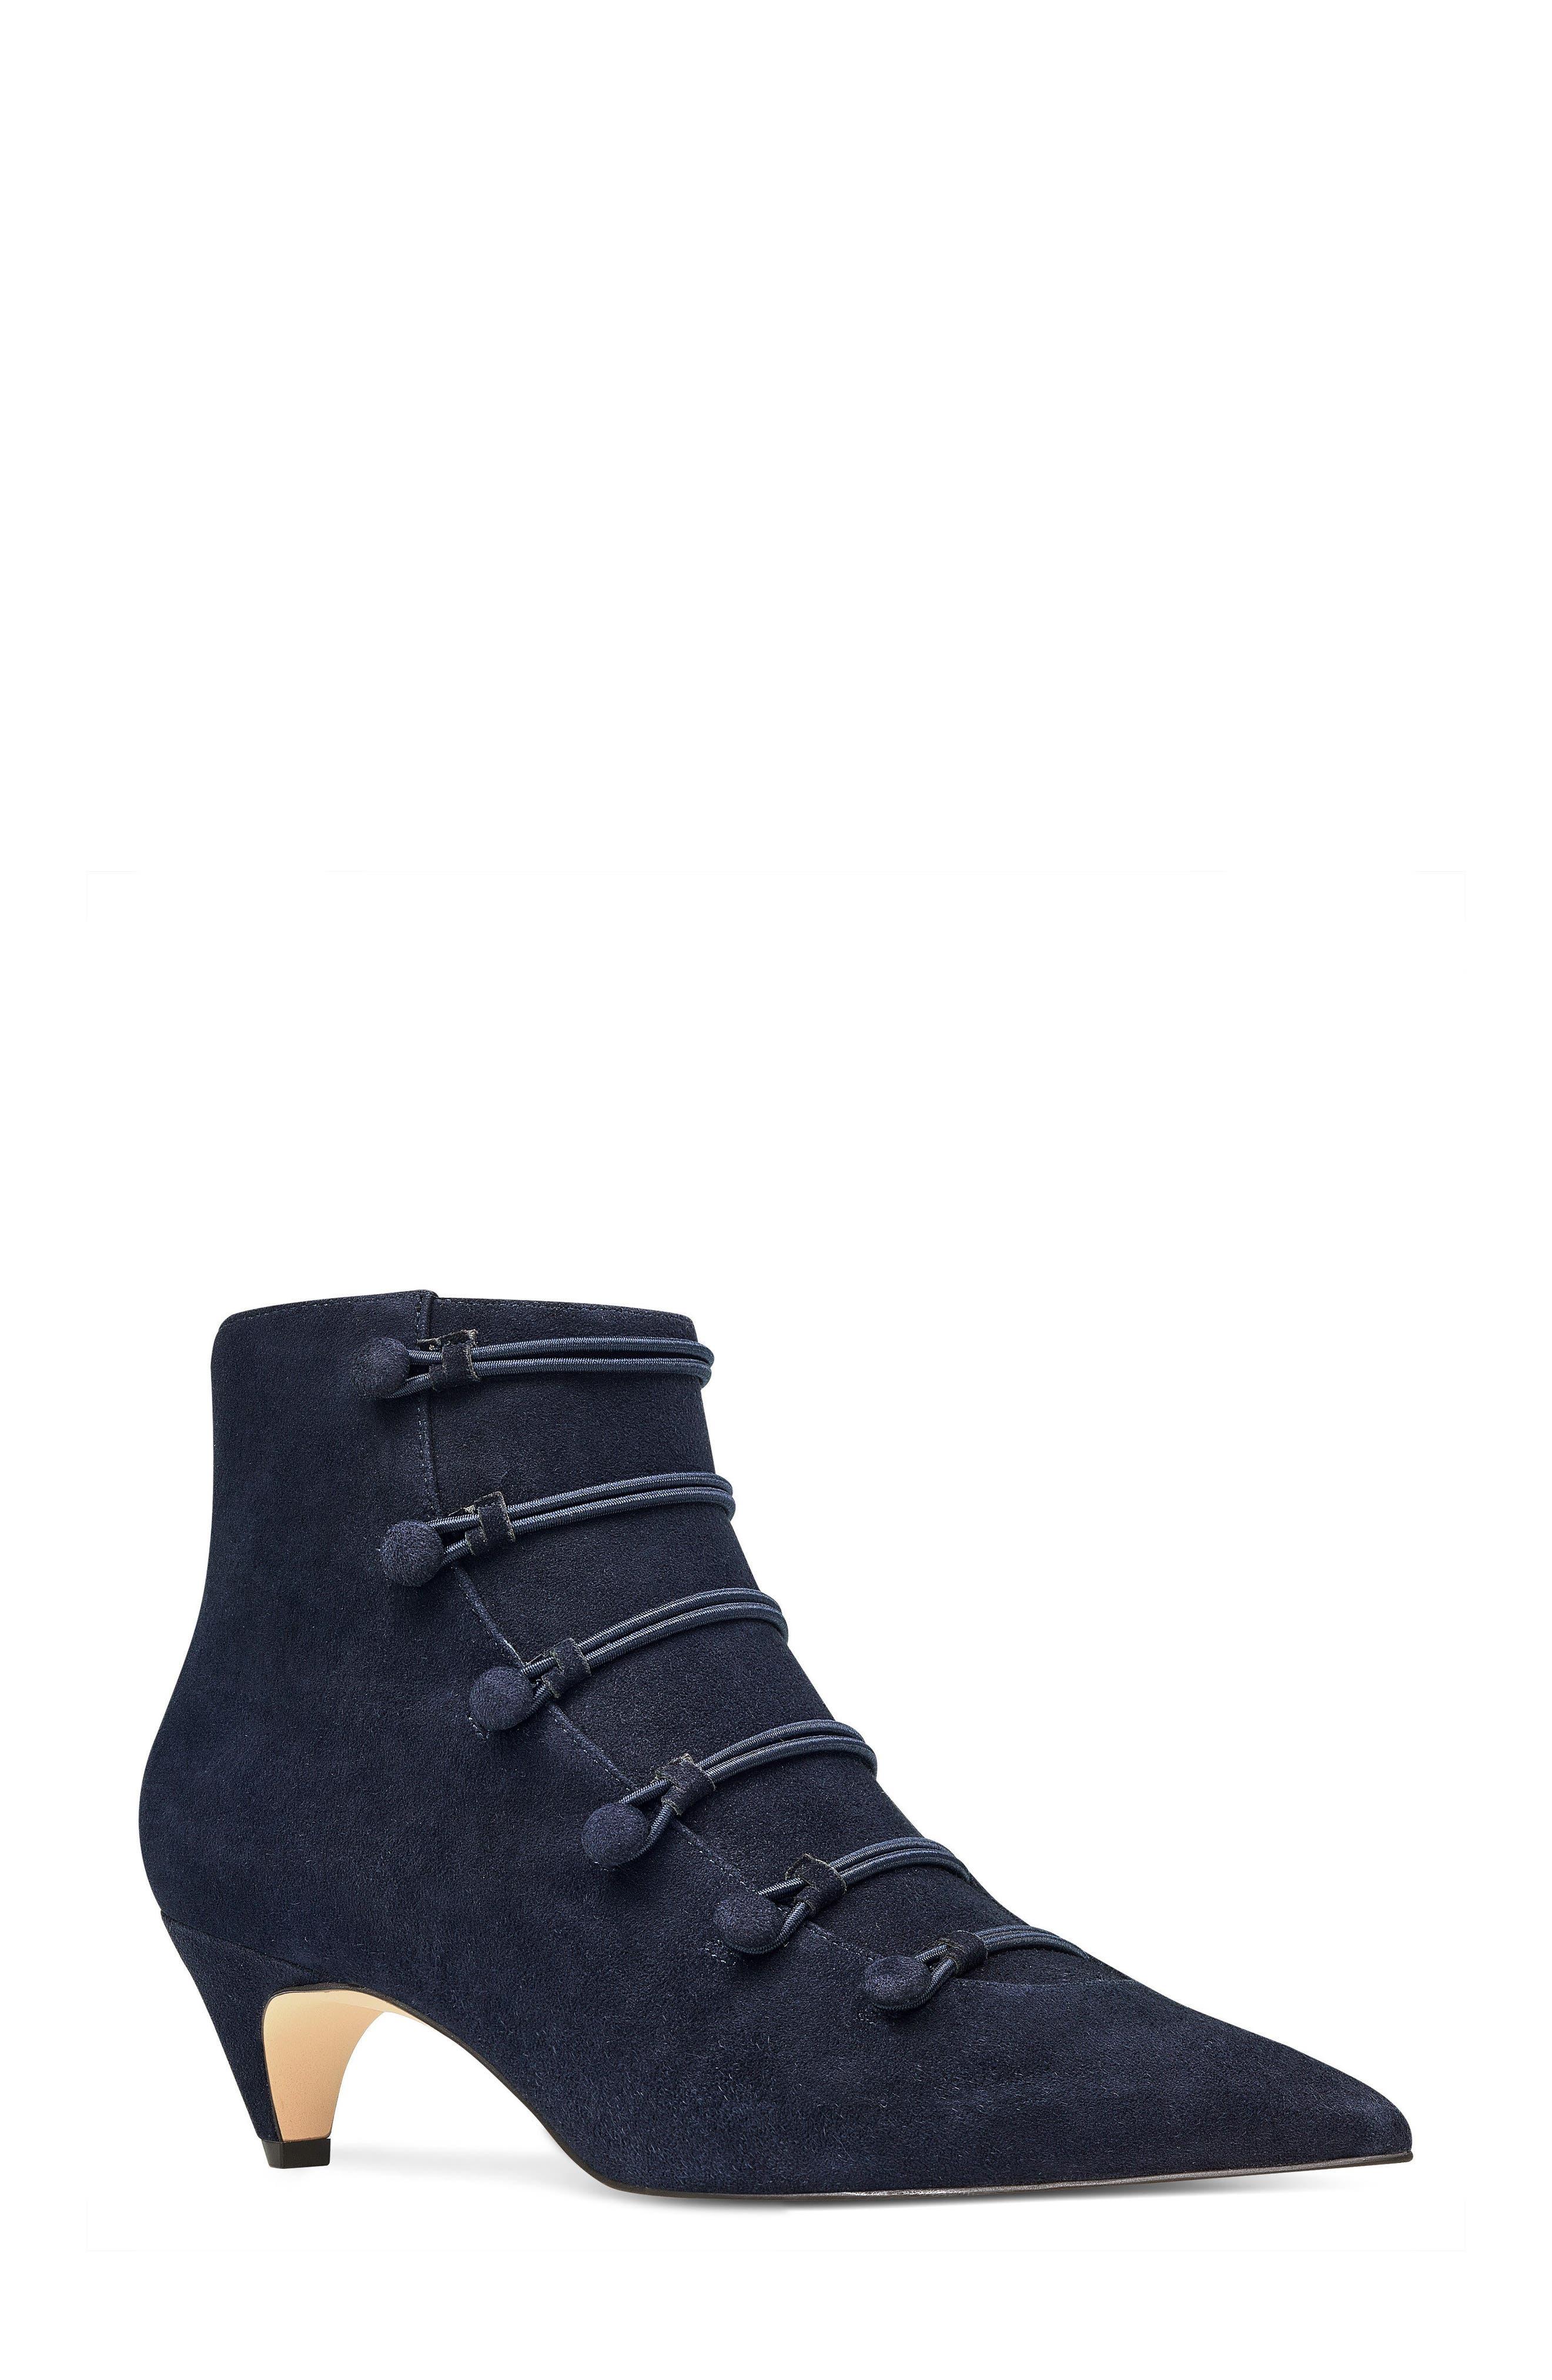 Women's Kitten Heel Ankle Boots & Booties | Nordstrom